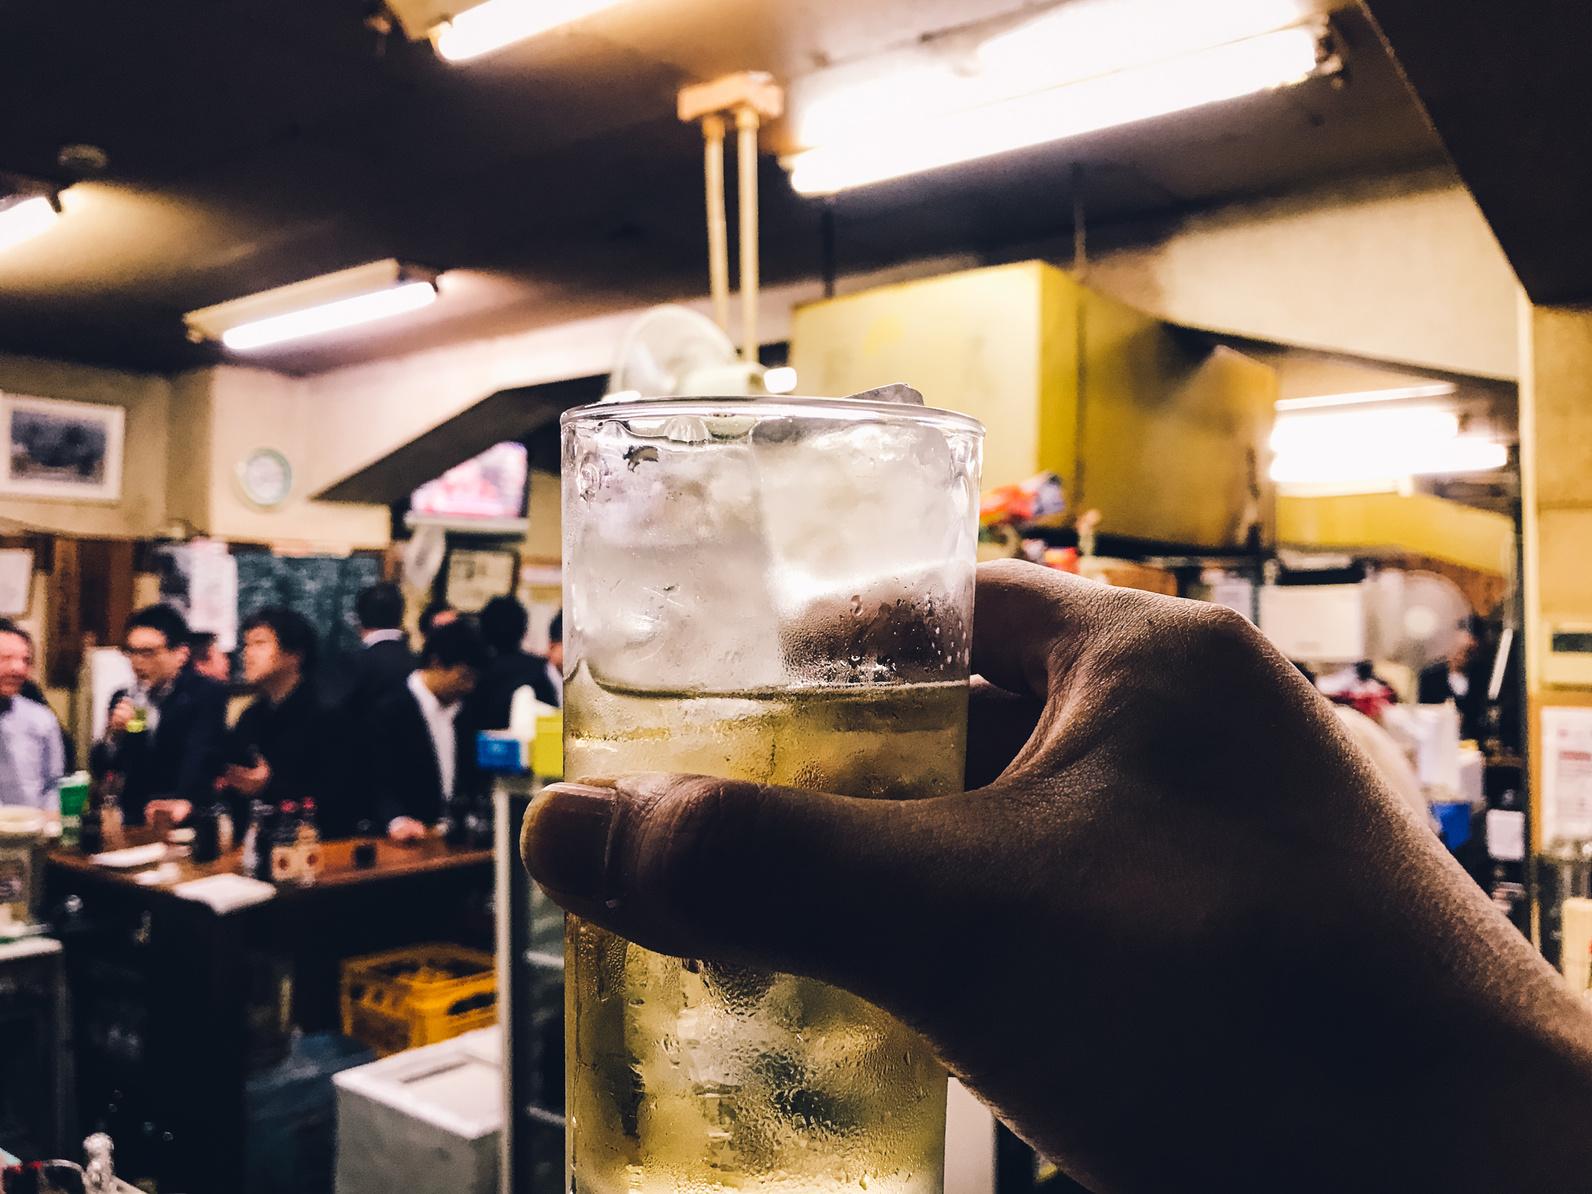 一人飲みの40代独女が「天国のようにモテた場所」それは♯1